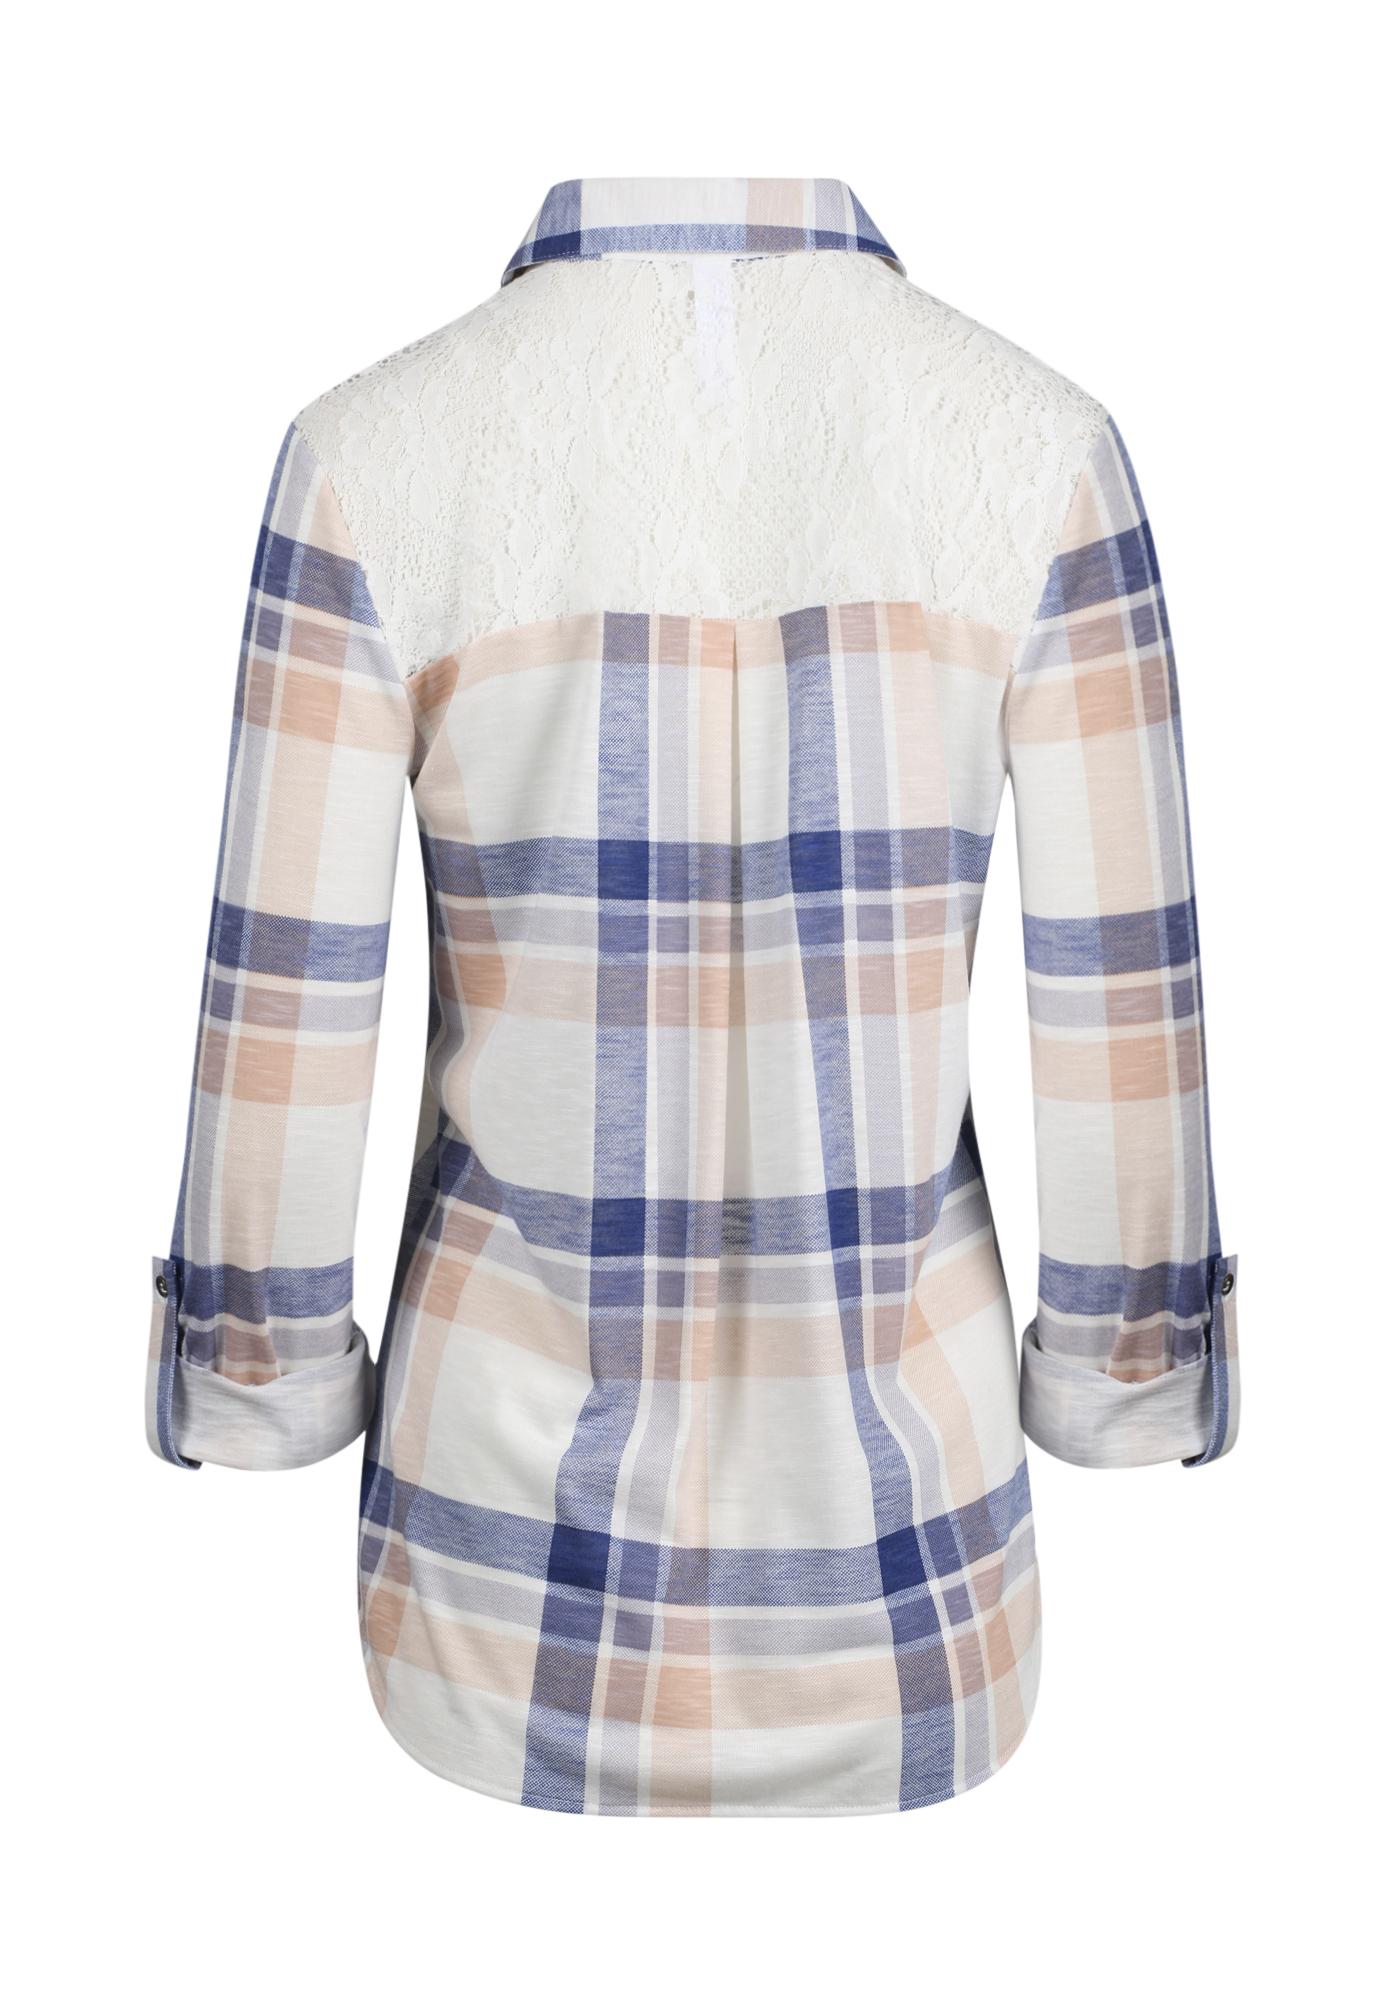 8d33c1a3 ... Womens Lace Trim Knit Plaid Shirt, IVORY/LAVENDER, hi-res